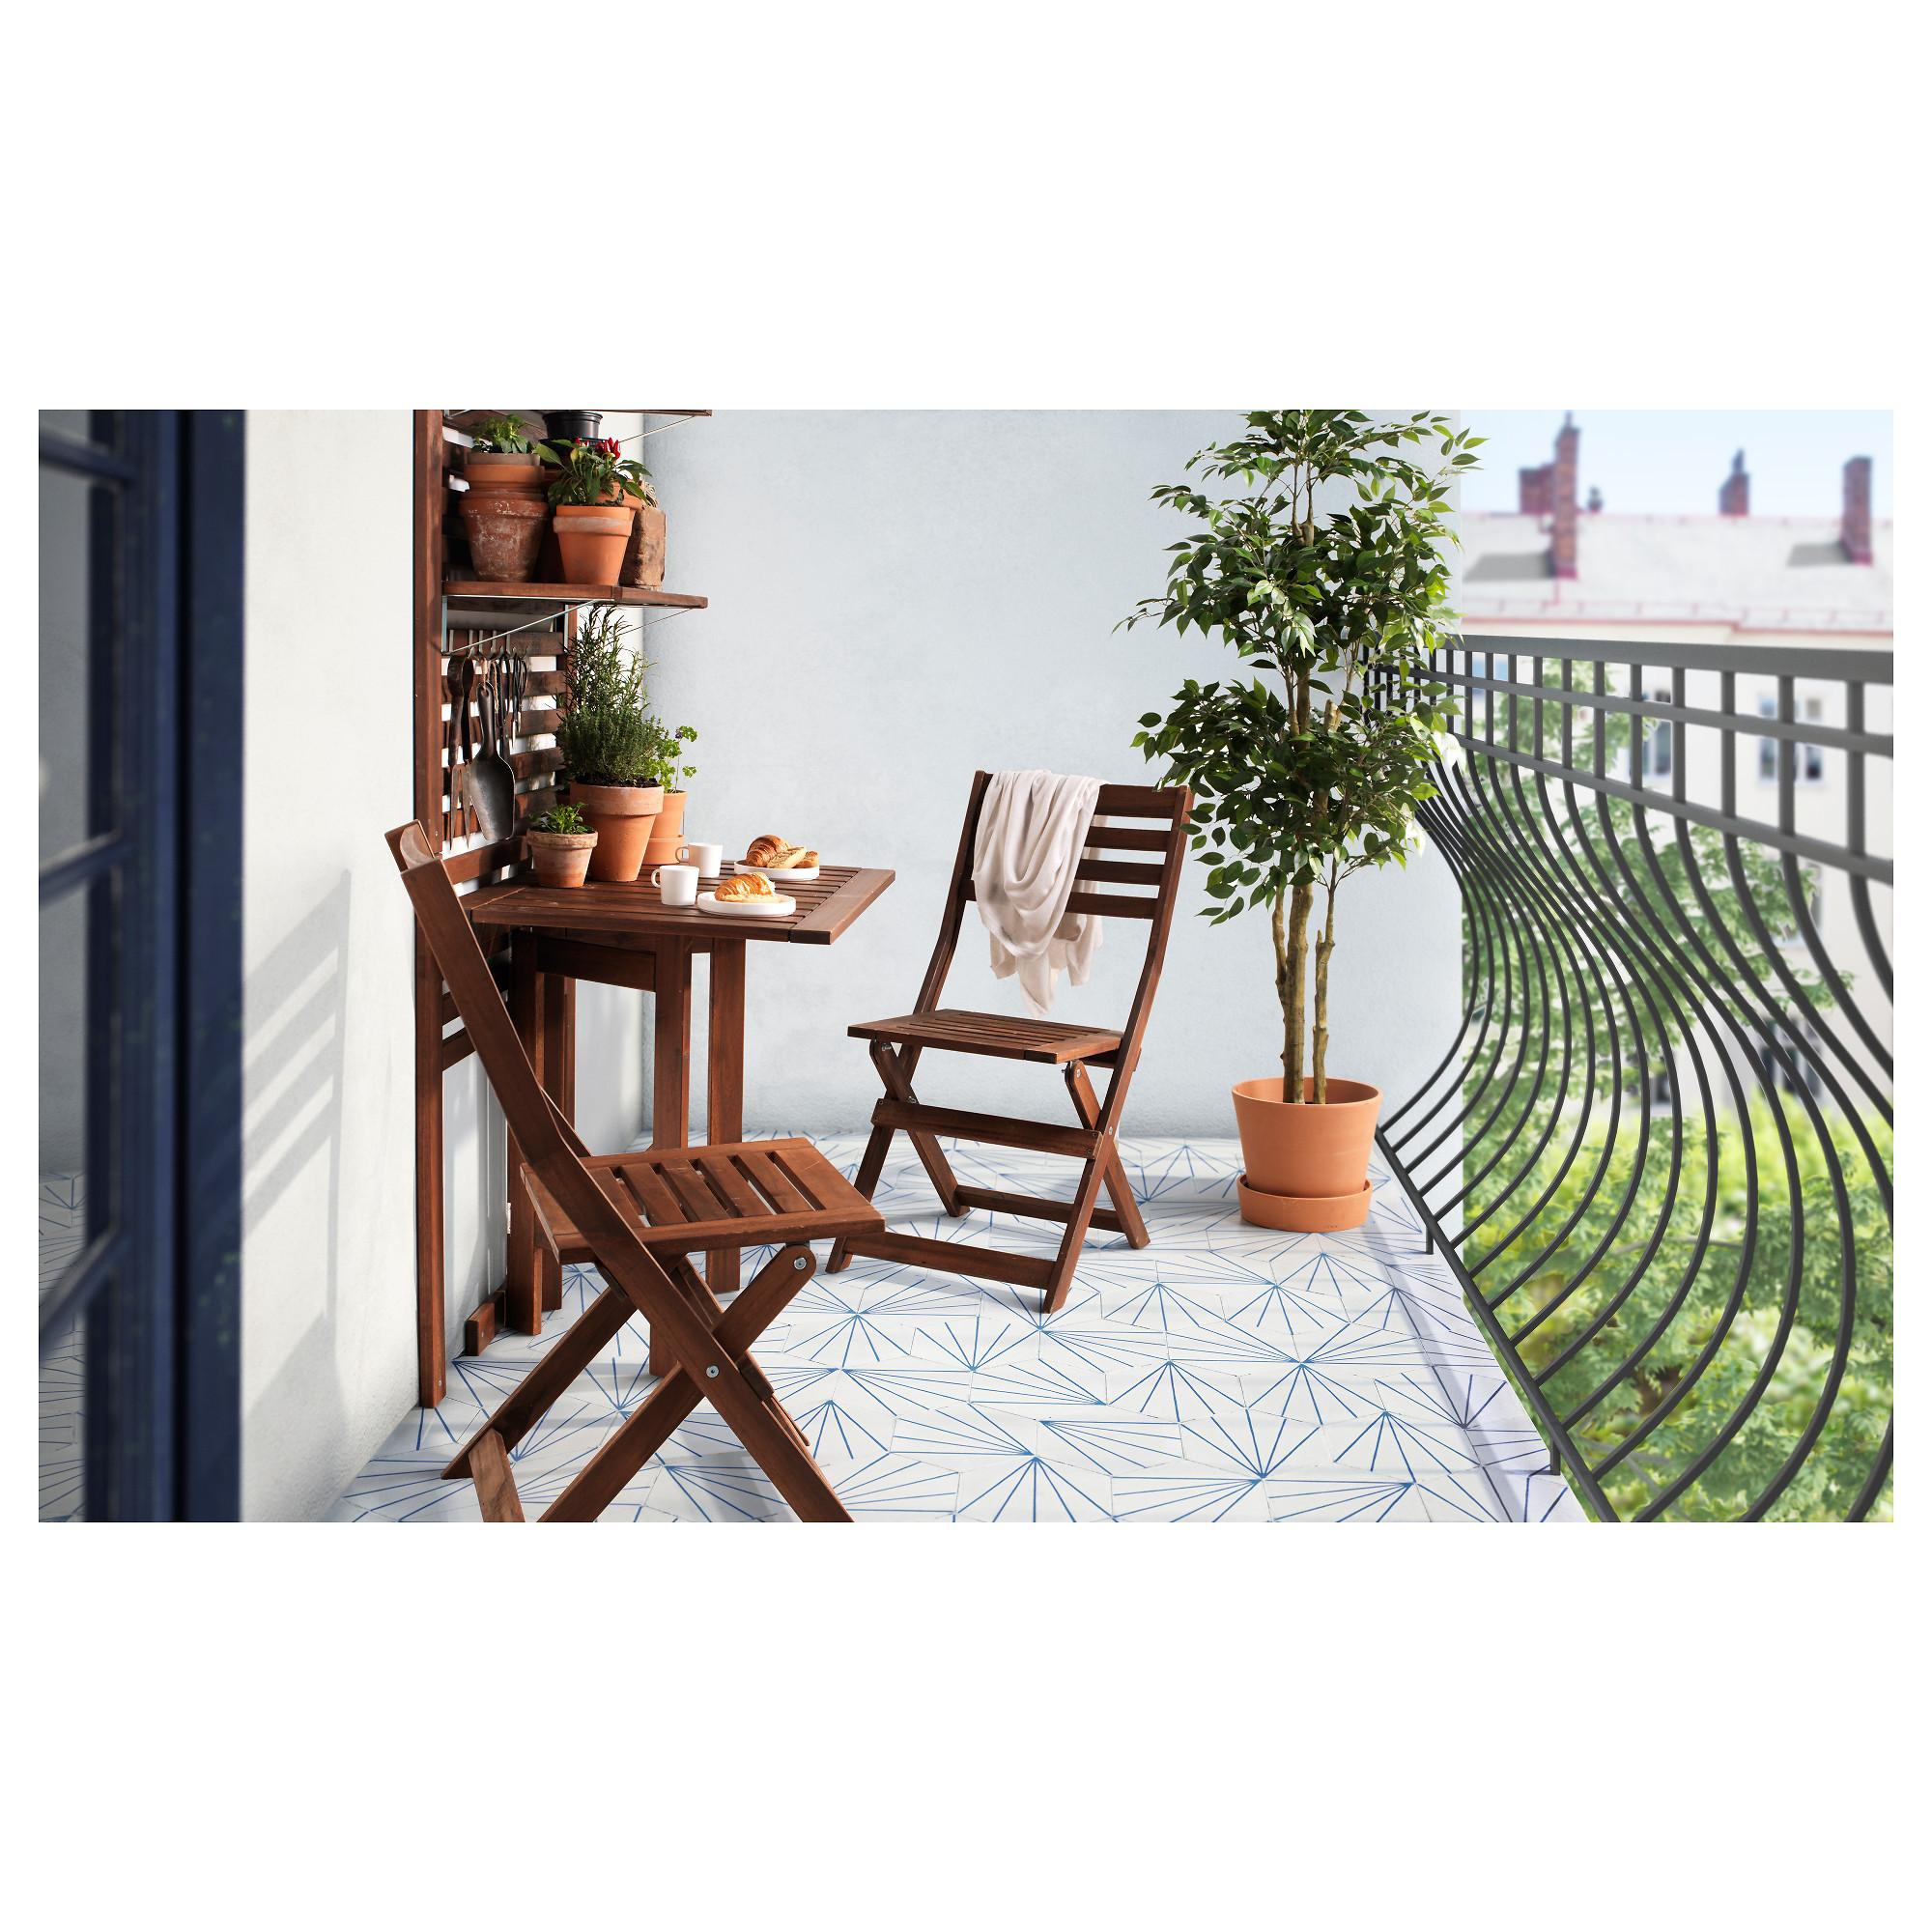 Панель, стол, 2 стула ЭПЛАРО артикуль № 692.288.78 в наличии. Интернет каталог IKEA РБ. Недорогая доставка и соборка.